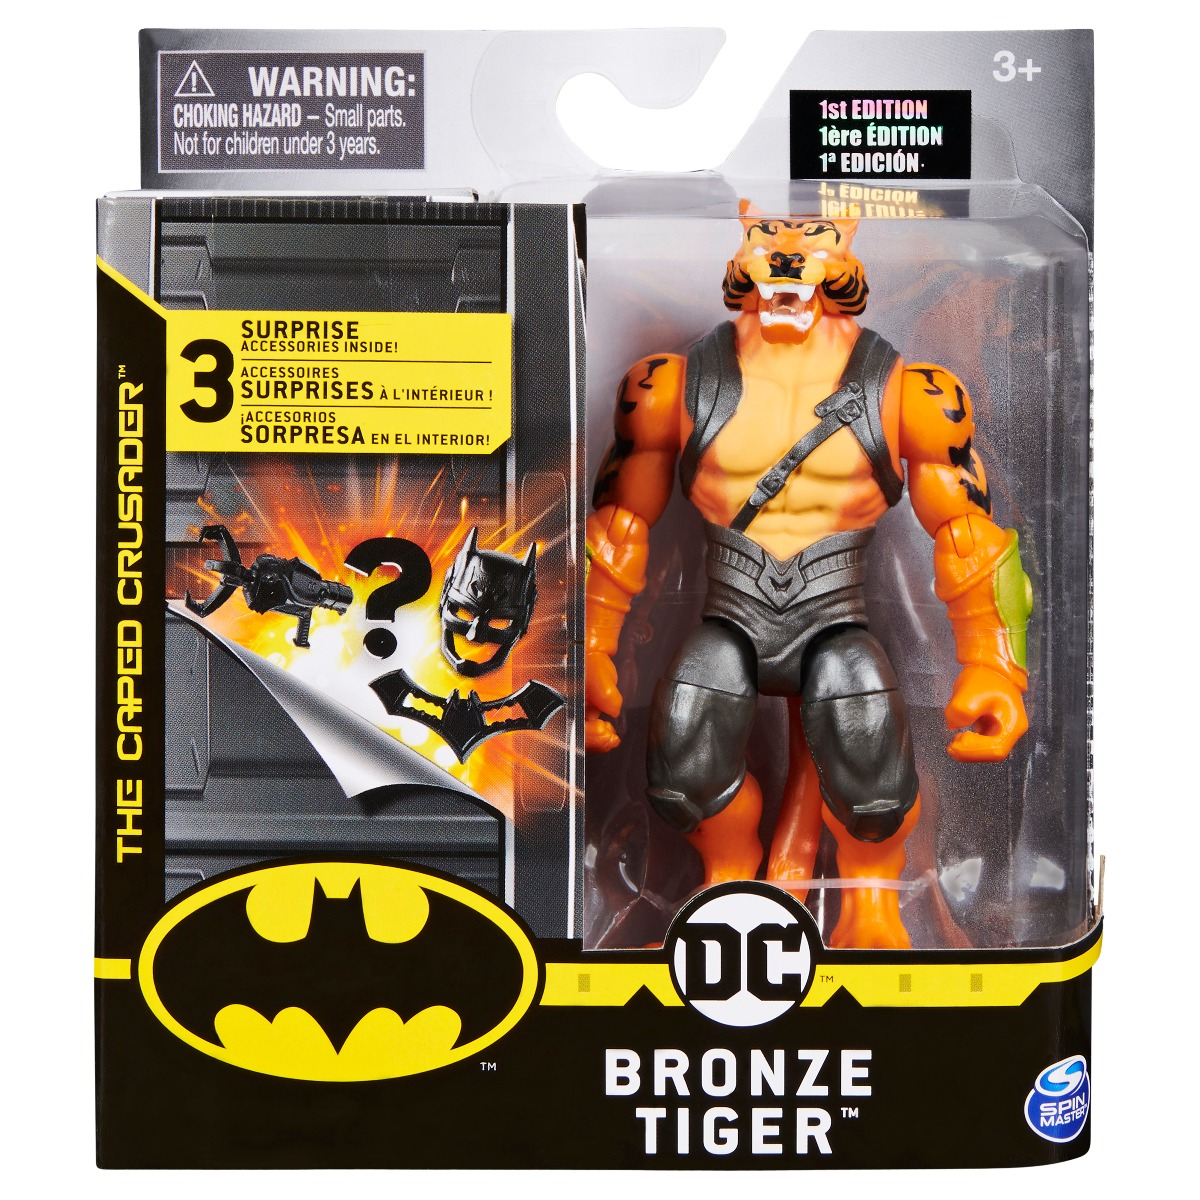 Set Figurina cu accesorii surpriza Batman, Bronze Tiger 20125104